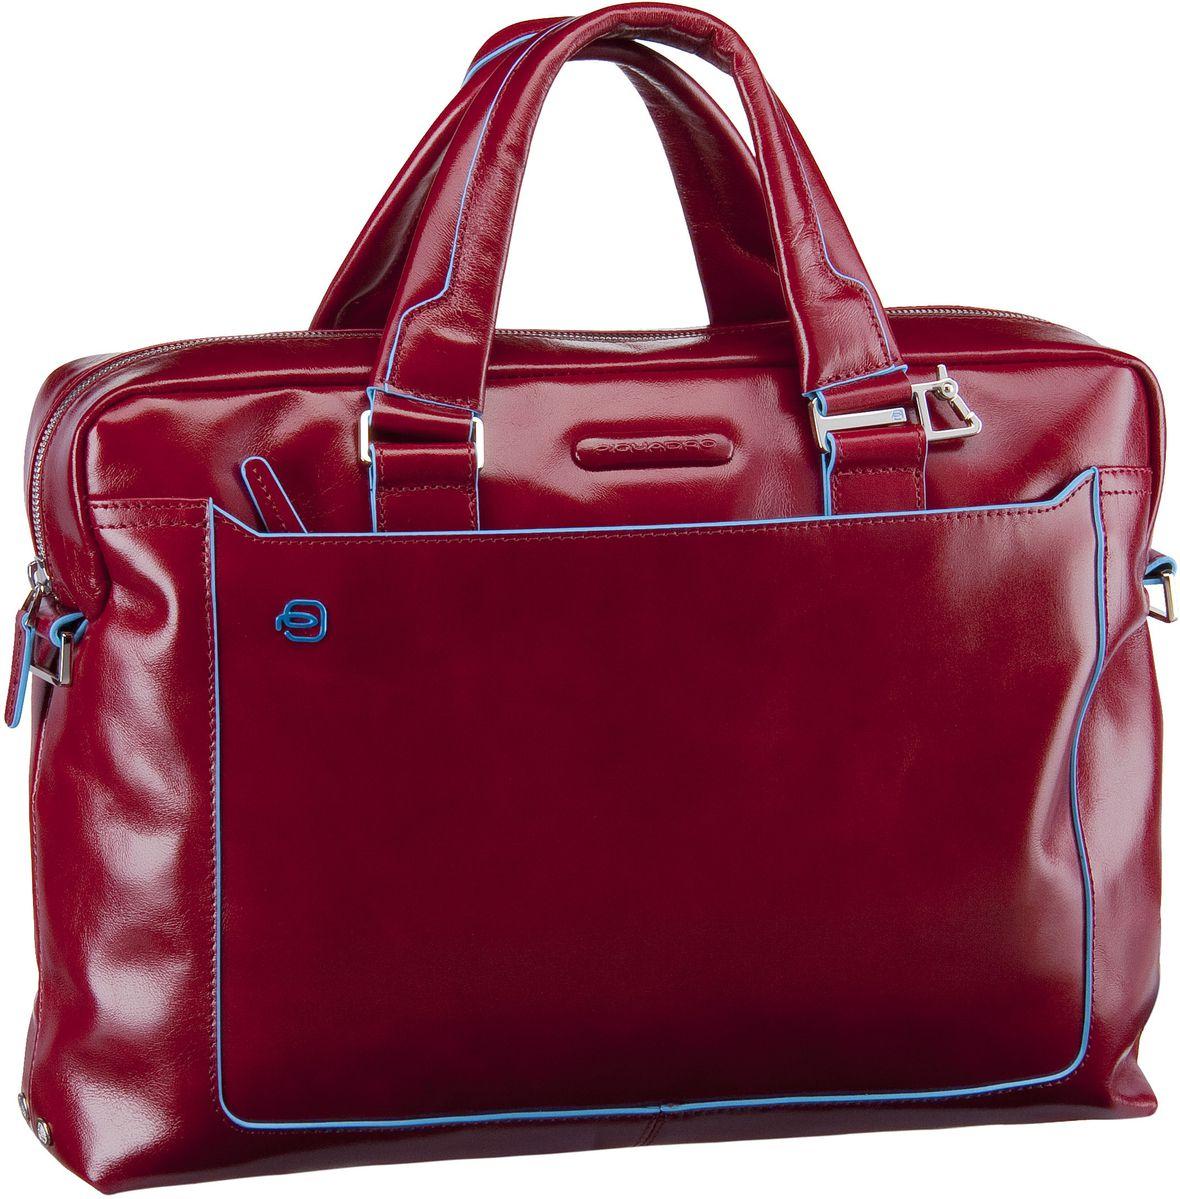 Businesstaschen für Frauen - Piquadro Aktentasche Blue Square Tote Bag Quer Rosso  - Onlineshop Taschenkaufhaus